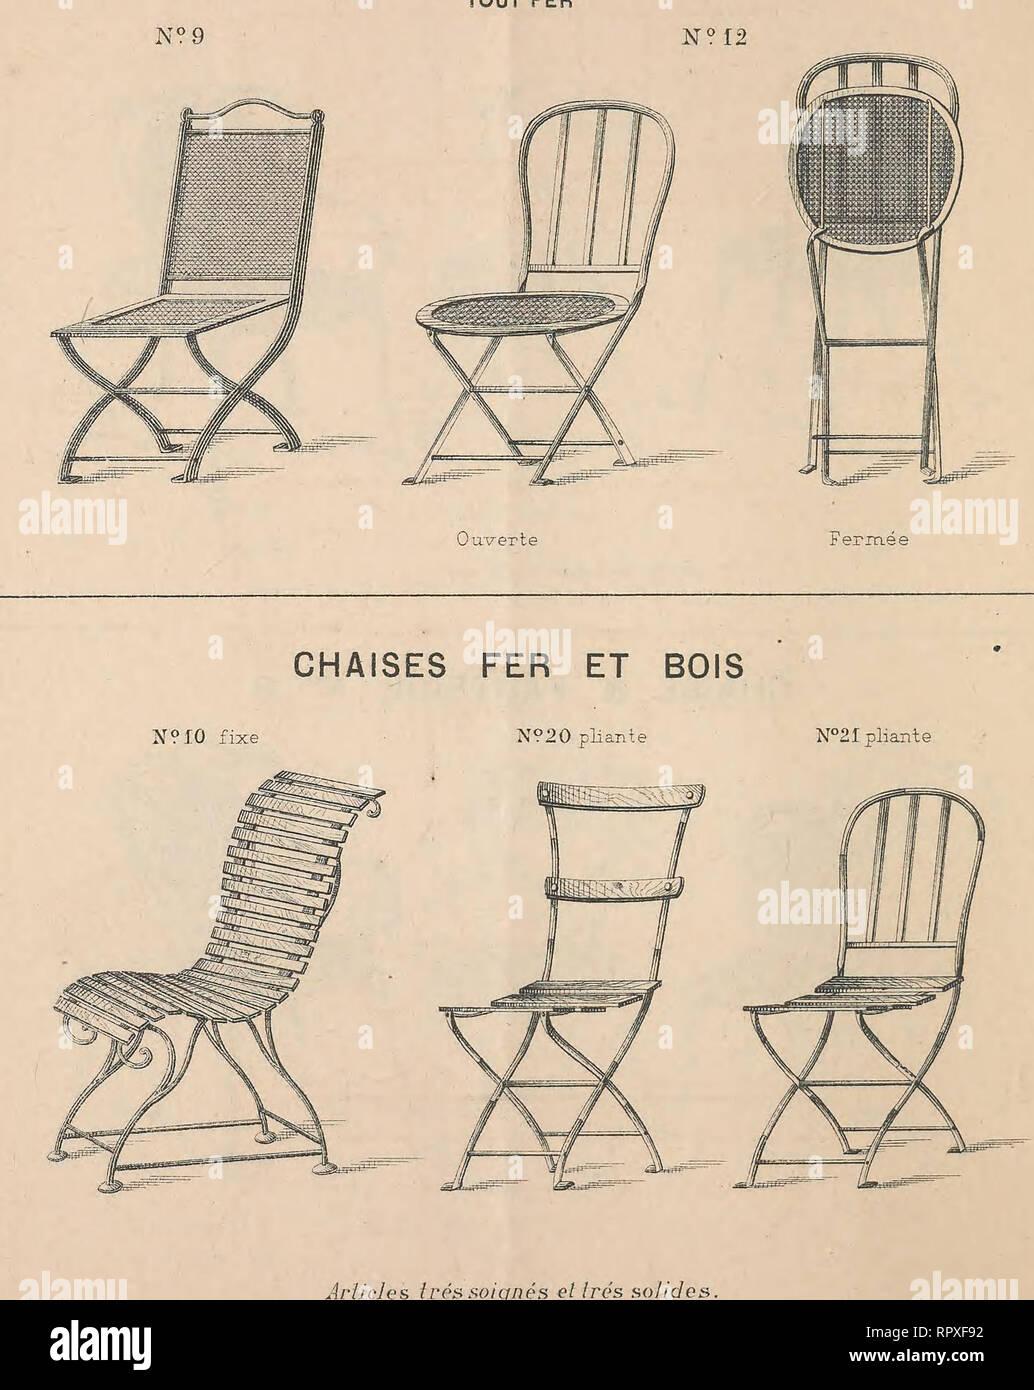 Album des meubles de jardins et porte-bouteilles. Catalogs ...